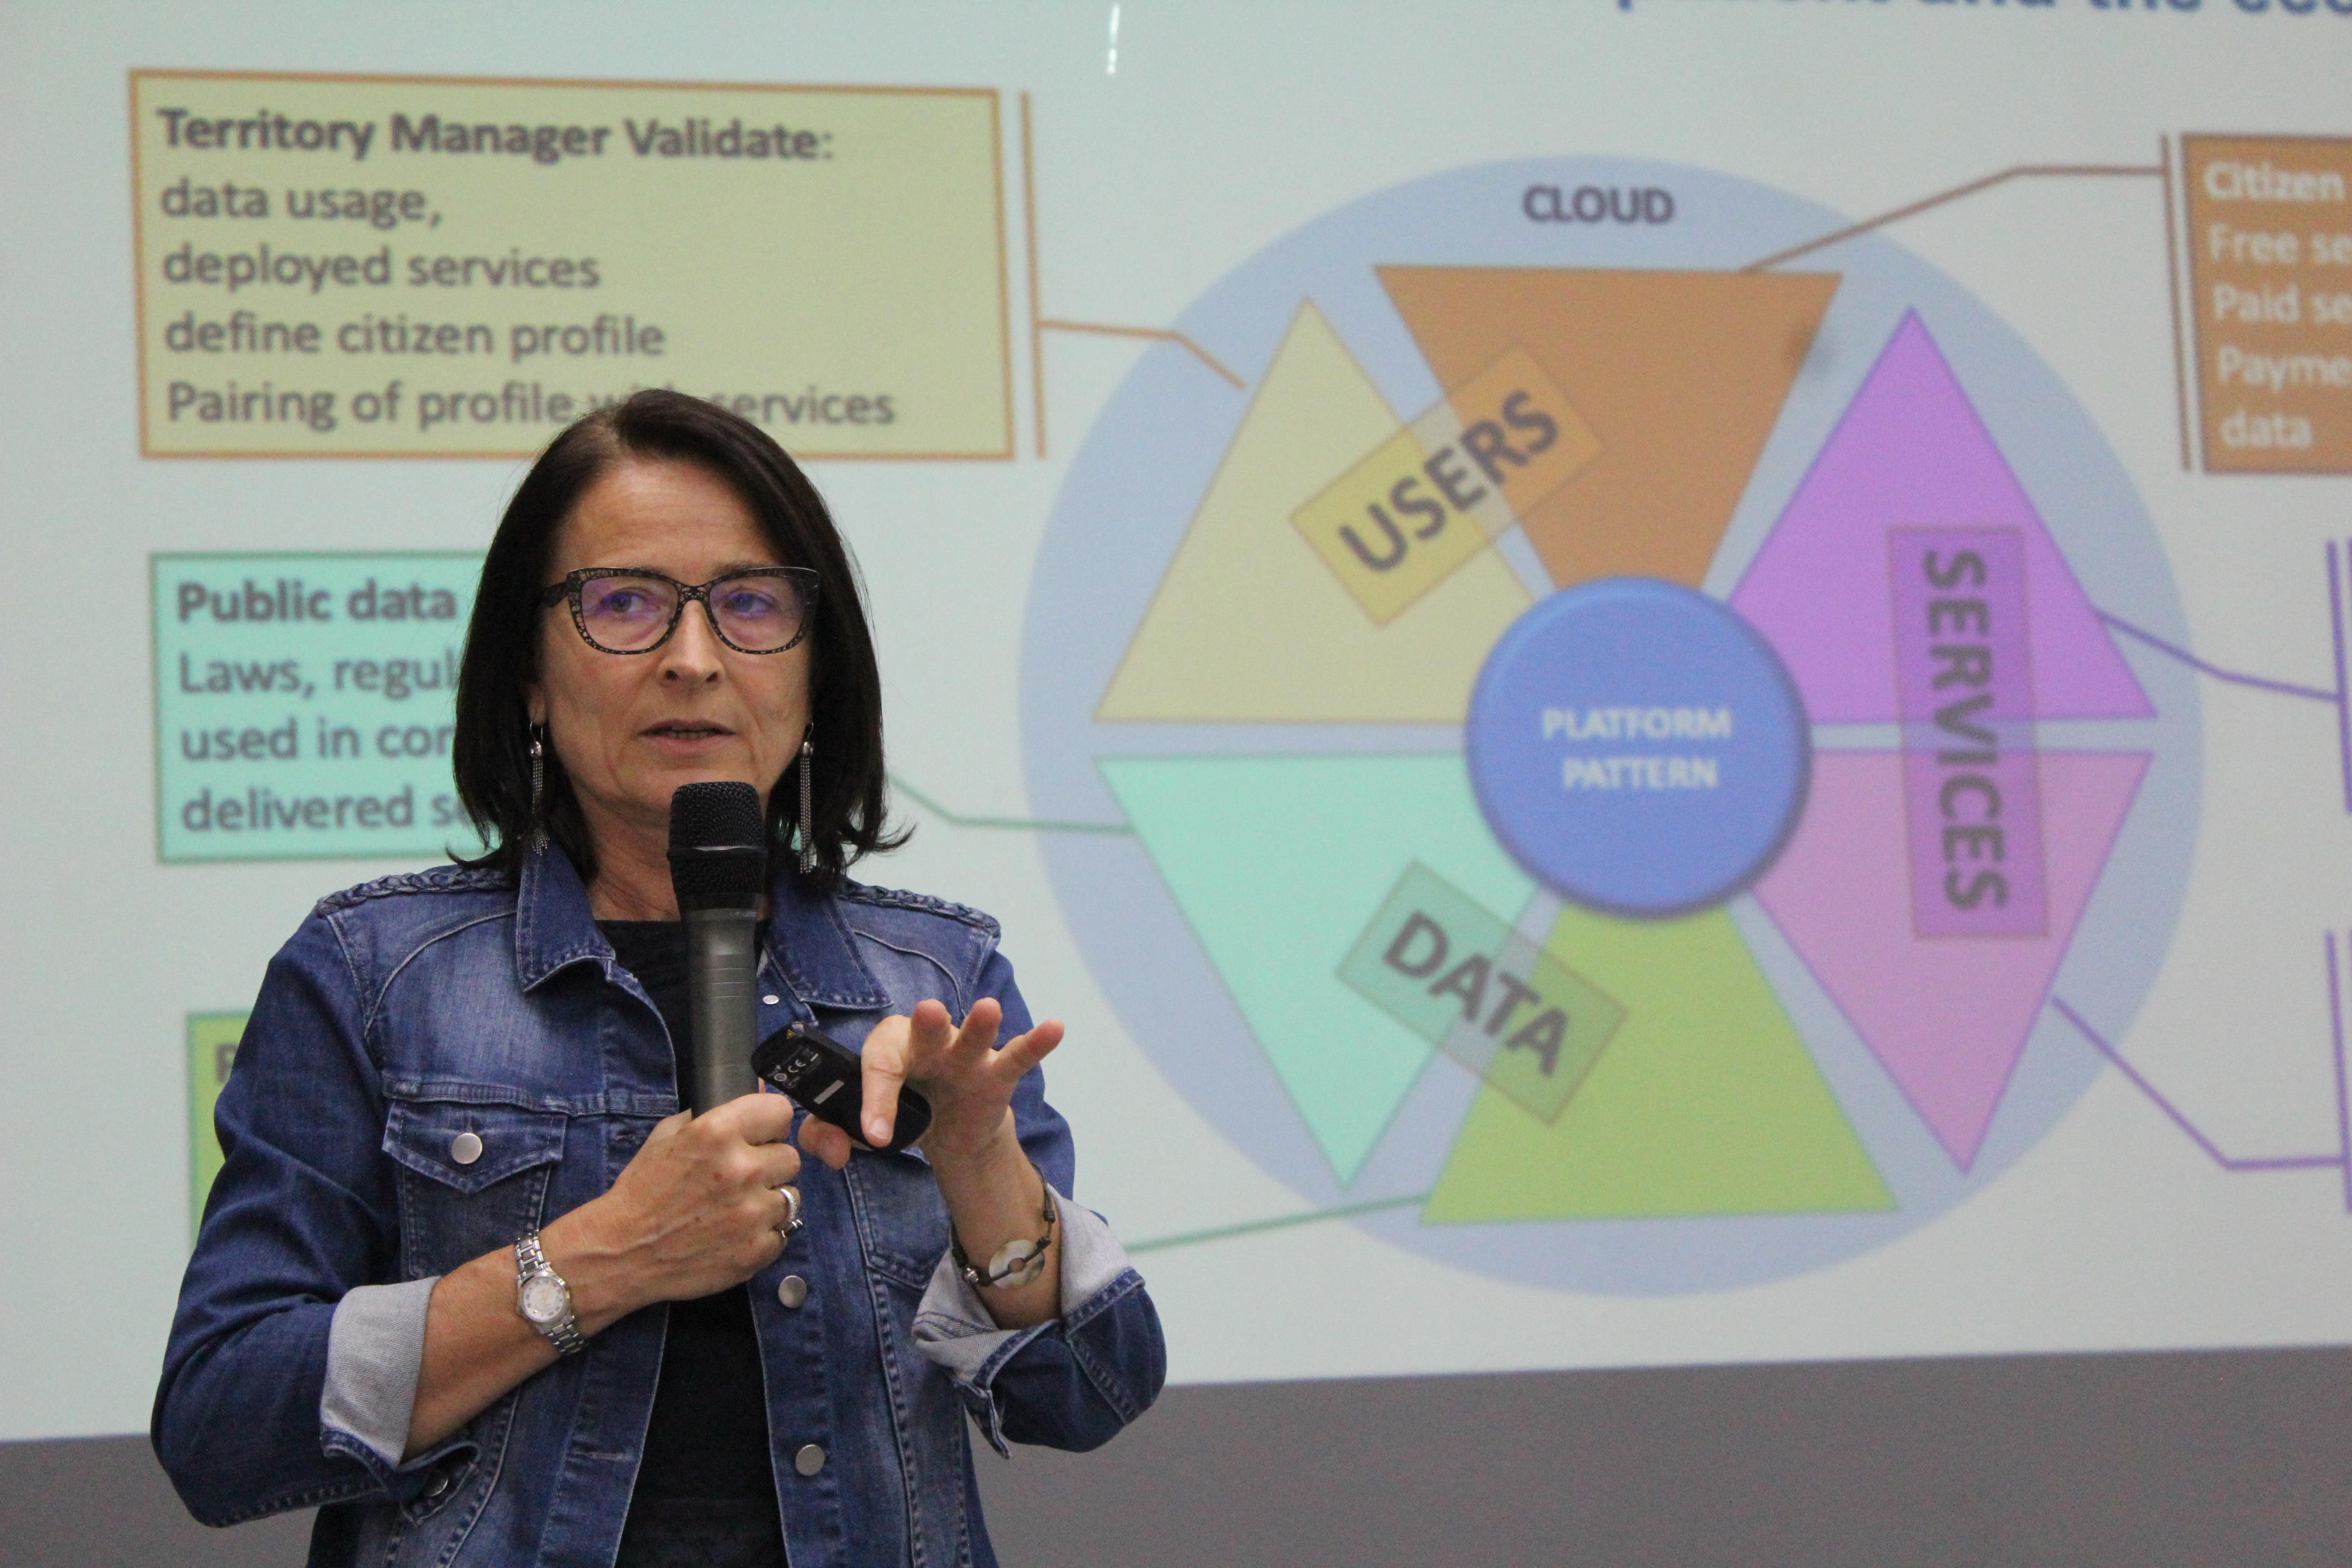 IBM Ներկայացուցիչների այցը Հայաստան